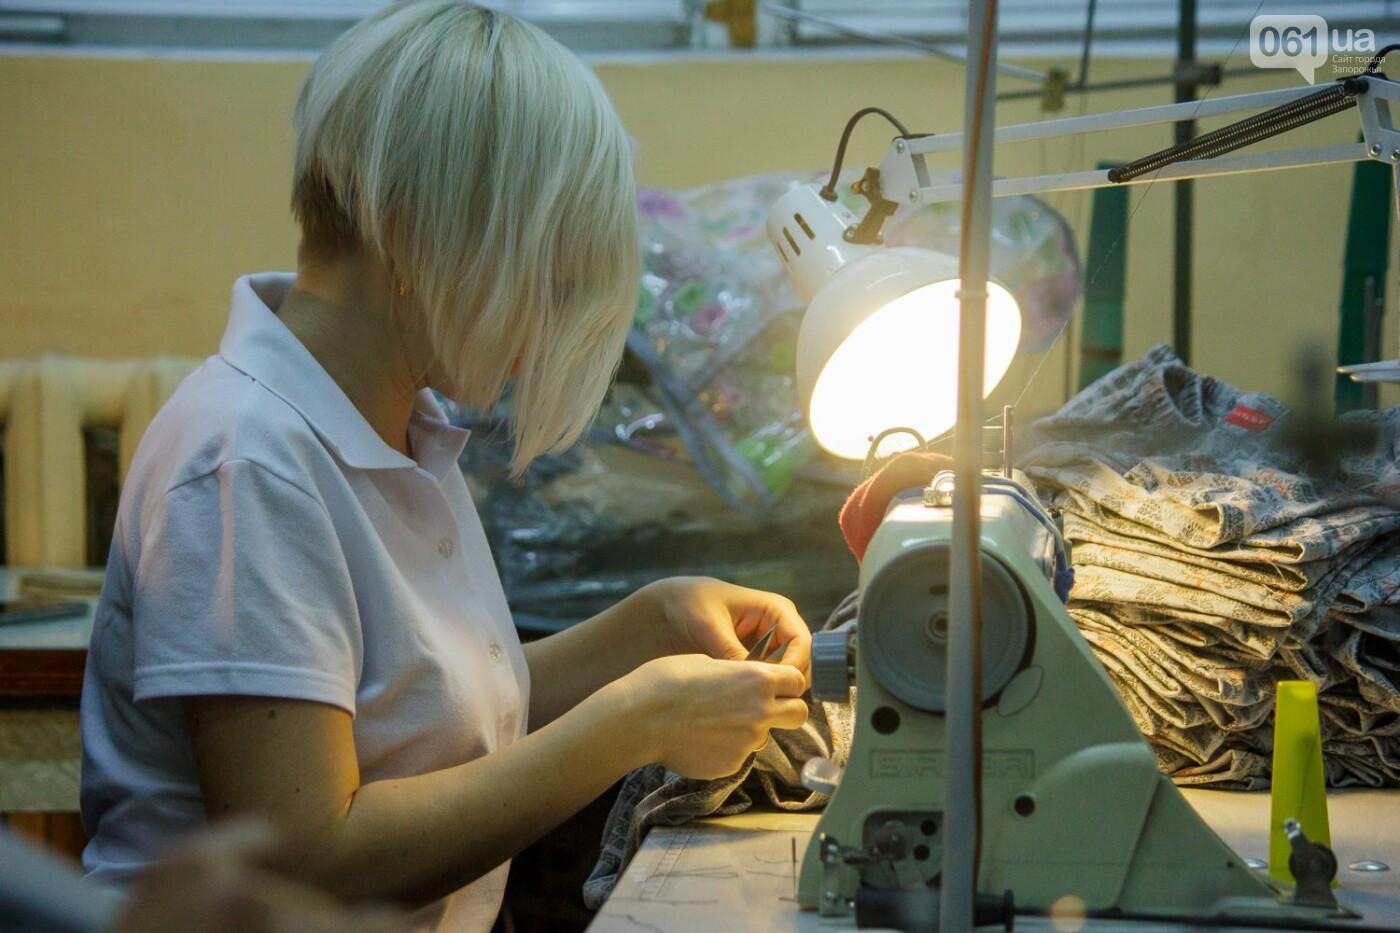 Как в Запорожье шьют мужское белье: экскурсия на трикотажную фабрику, – ФОТОРЕПОРТАЖ, фото-40